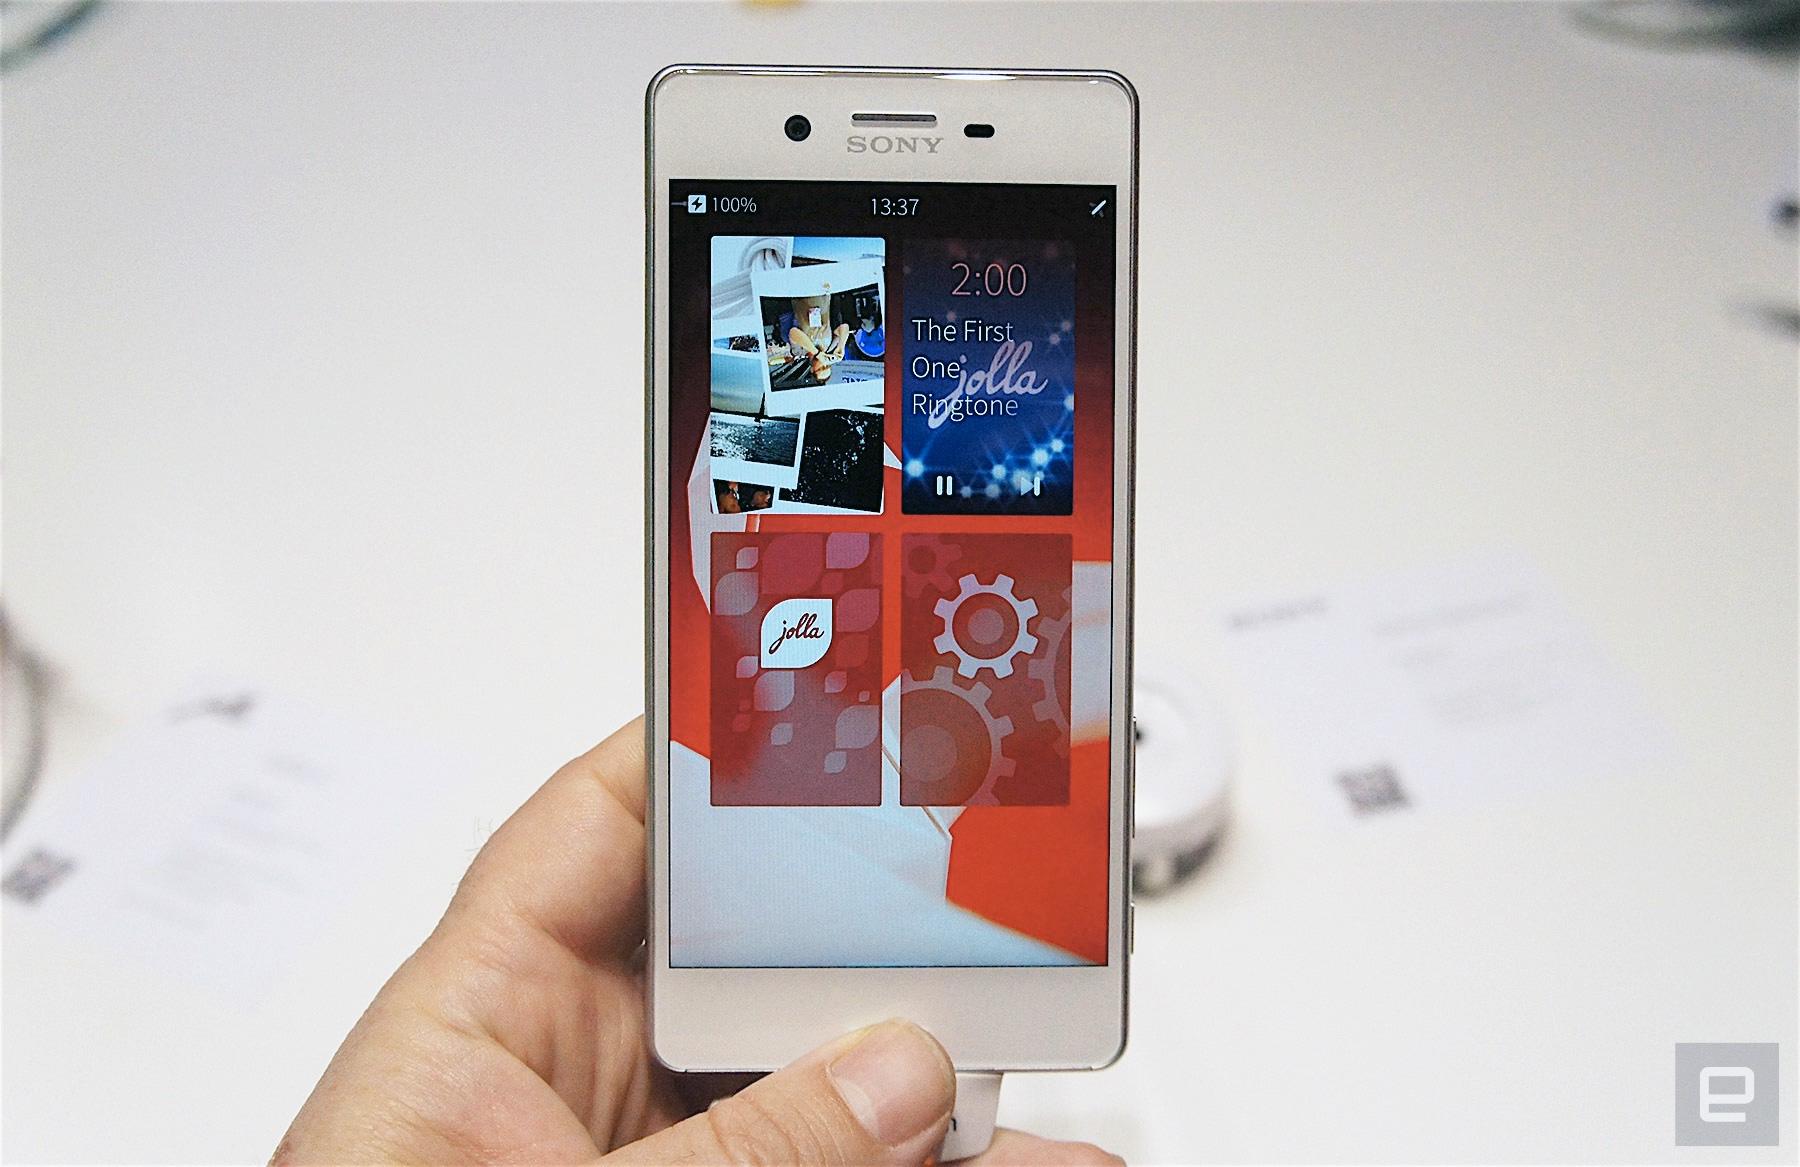 سیستم عامل جولا مهمان بسیاری از تلفن های هوشمند سونی خواهد شد